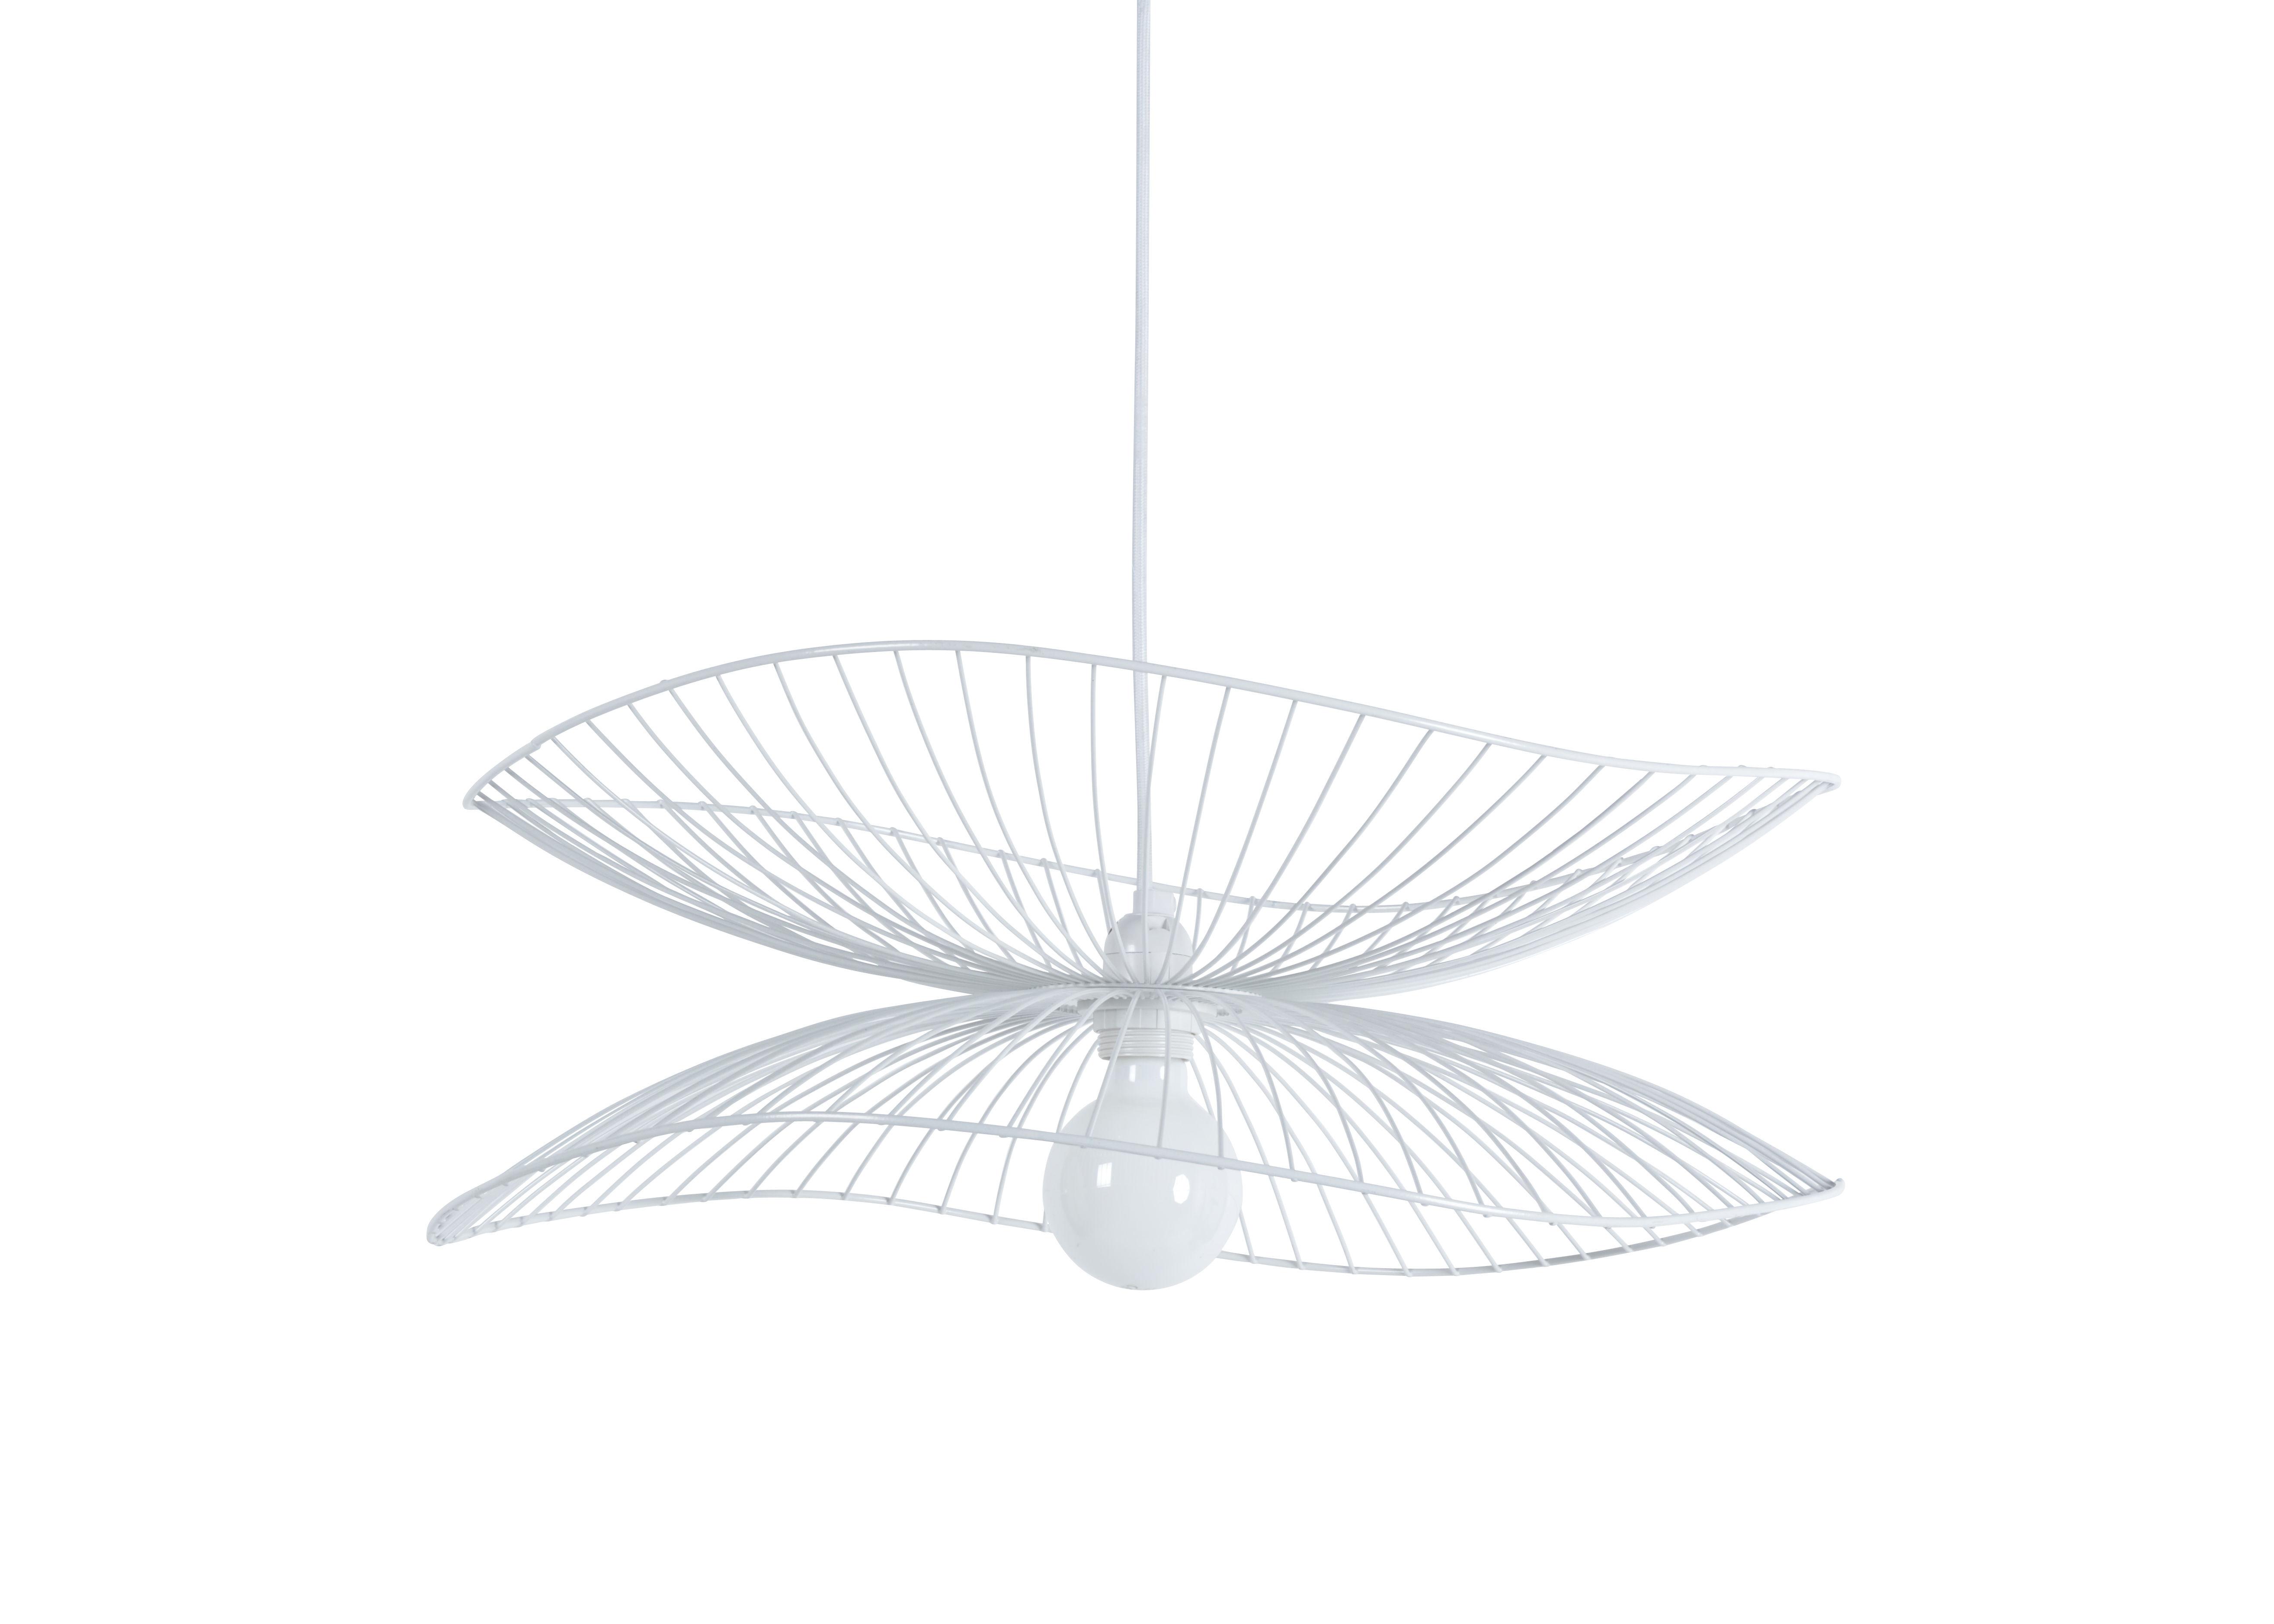 Luminaire - Suspensions - Suspension Libellule Small / Ø 56 x H 20 cm - Forestier - Blanc - Fils de fer laqués